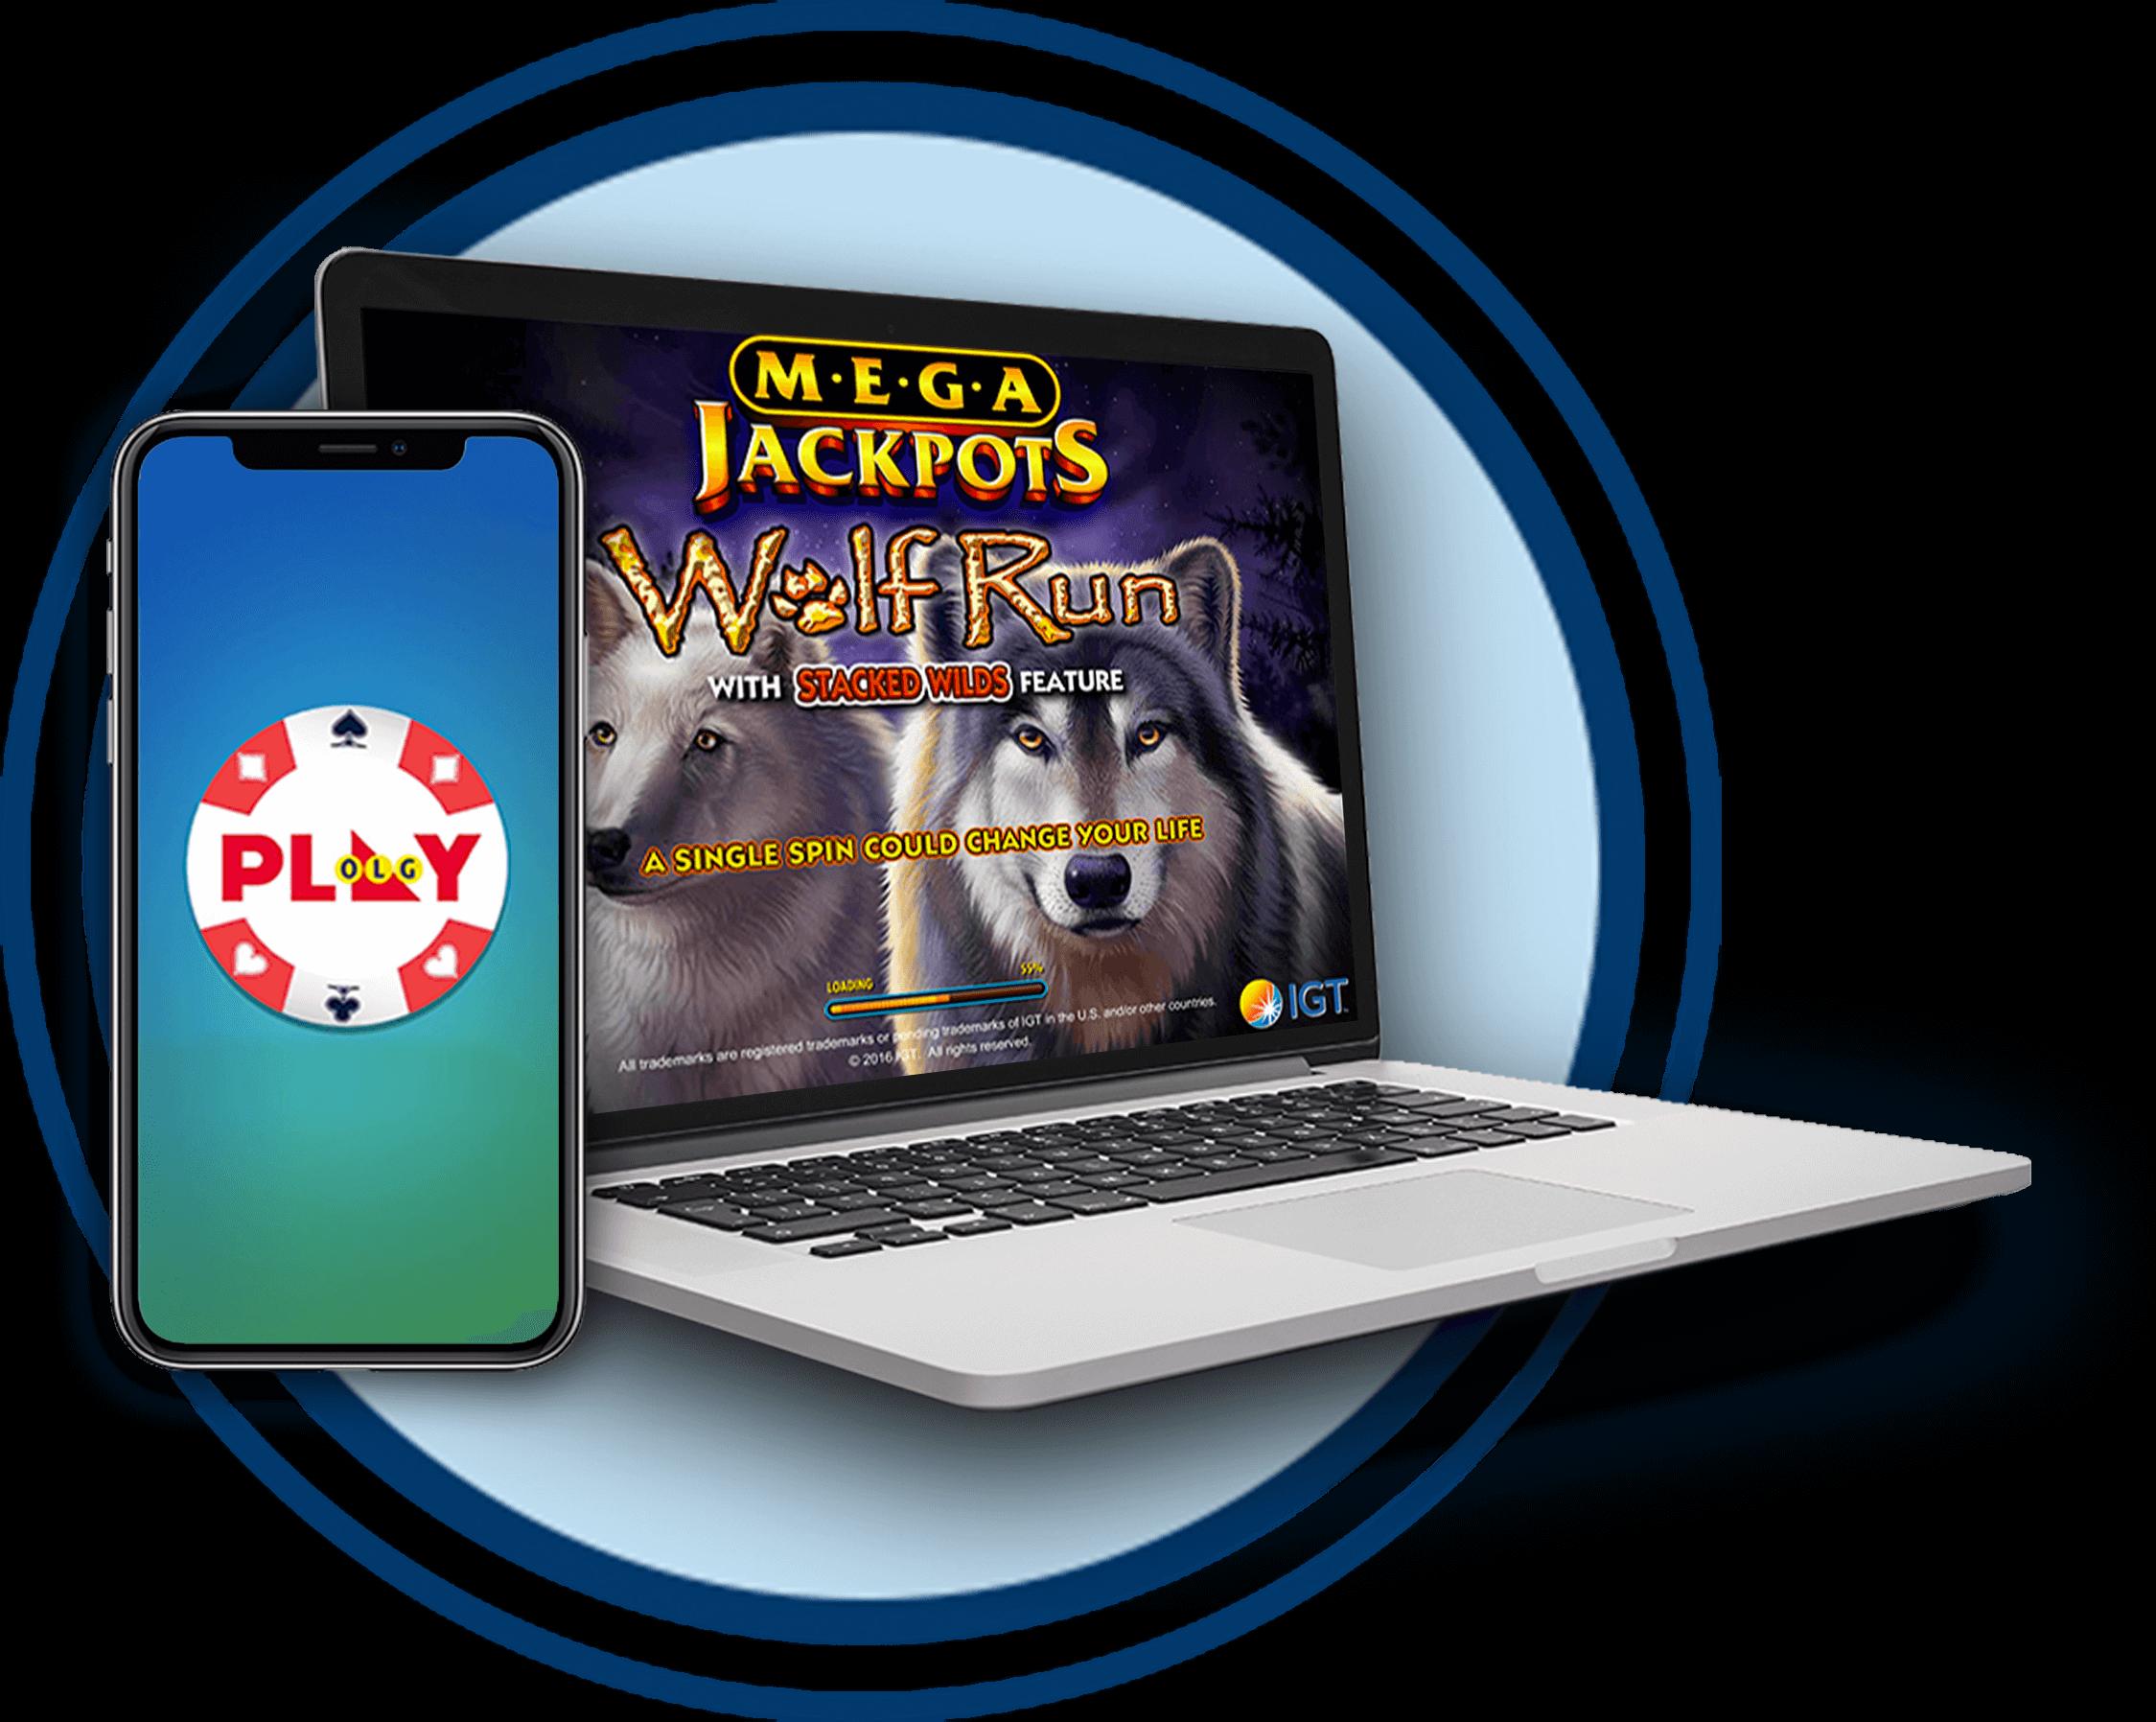 Logo de machines à sous (Wolf Run) sur un ordinateur portable avec un téléphone, le tout dans un cercle